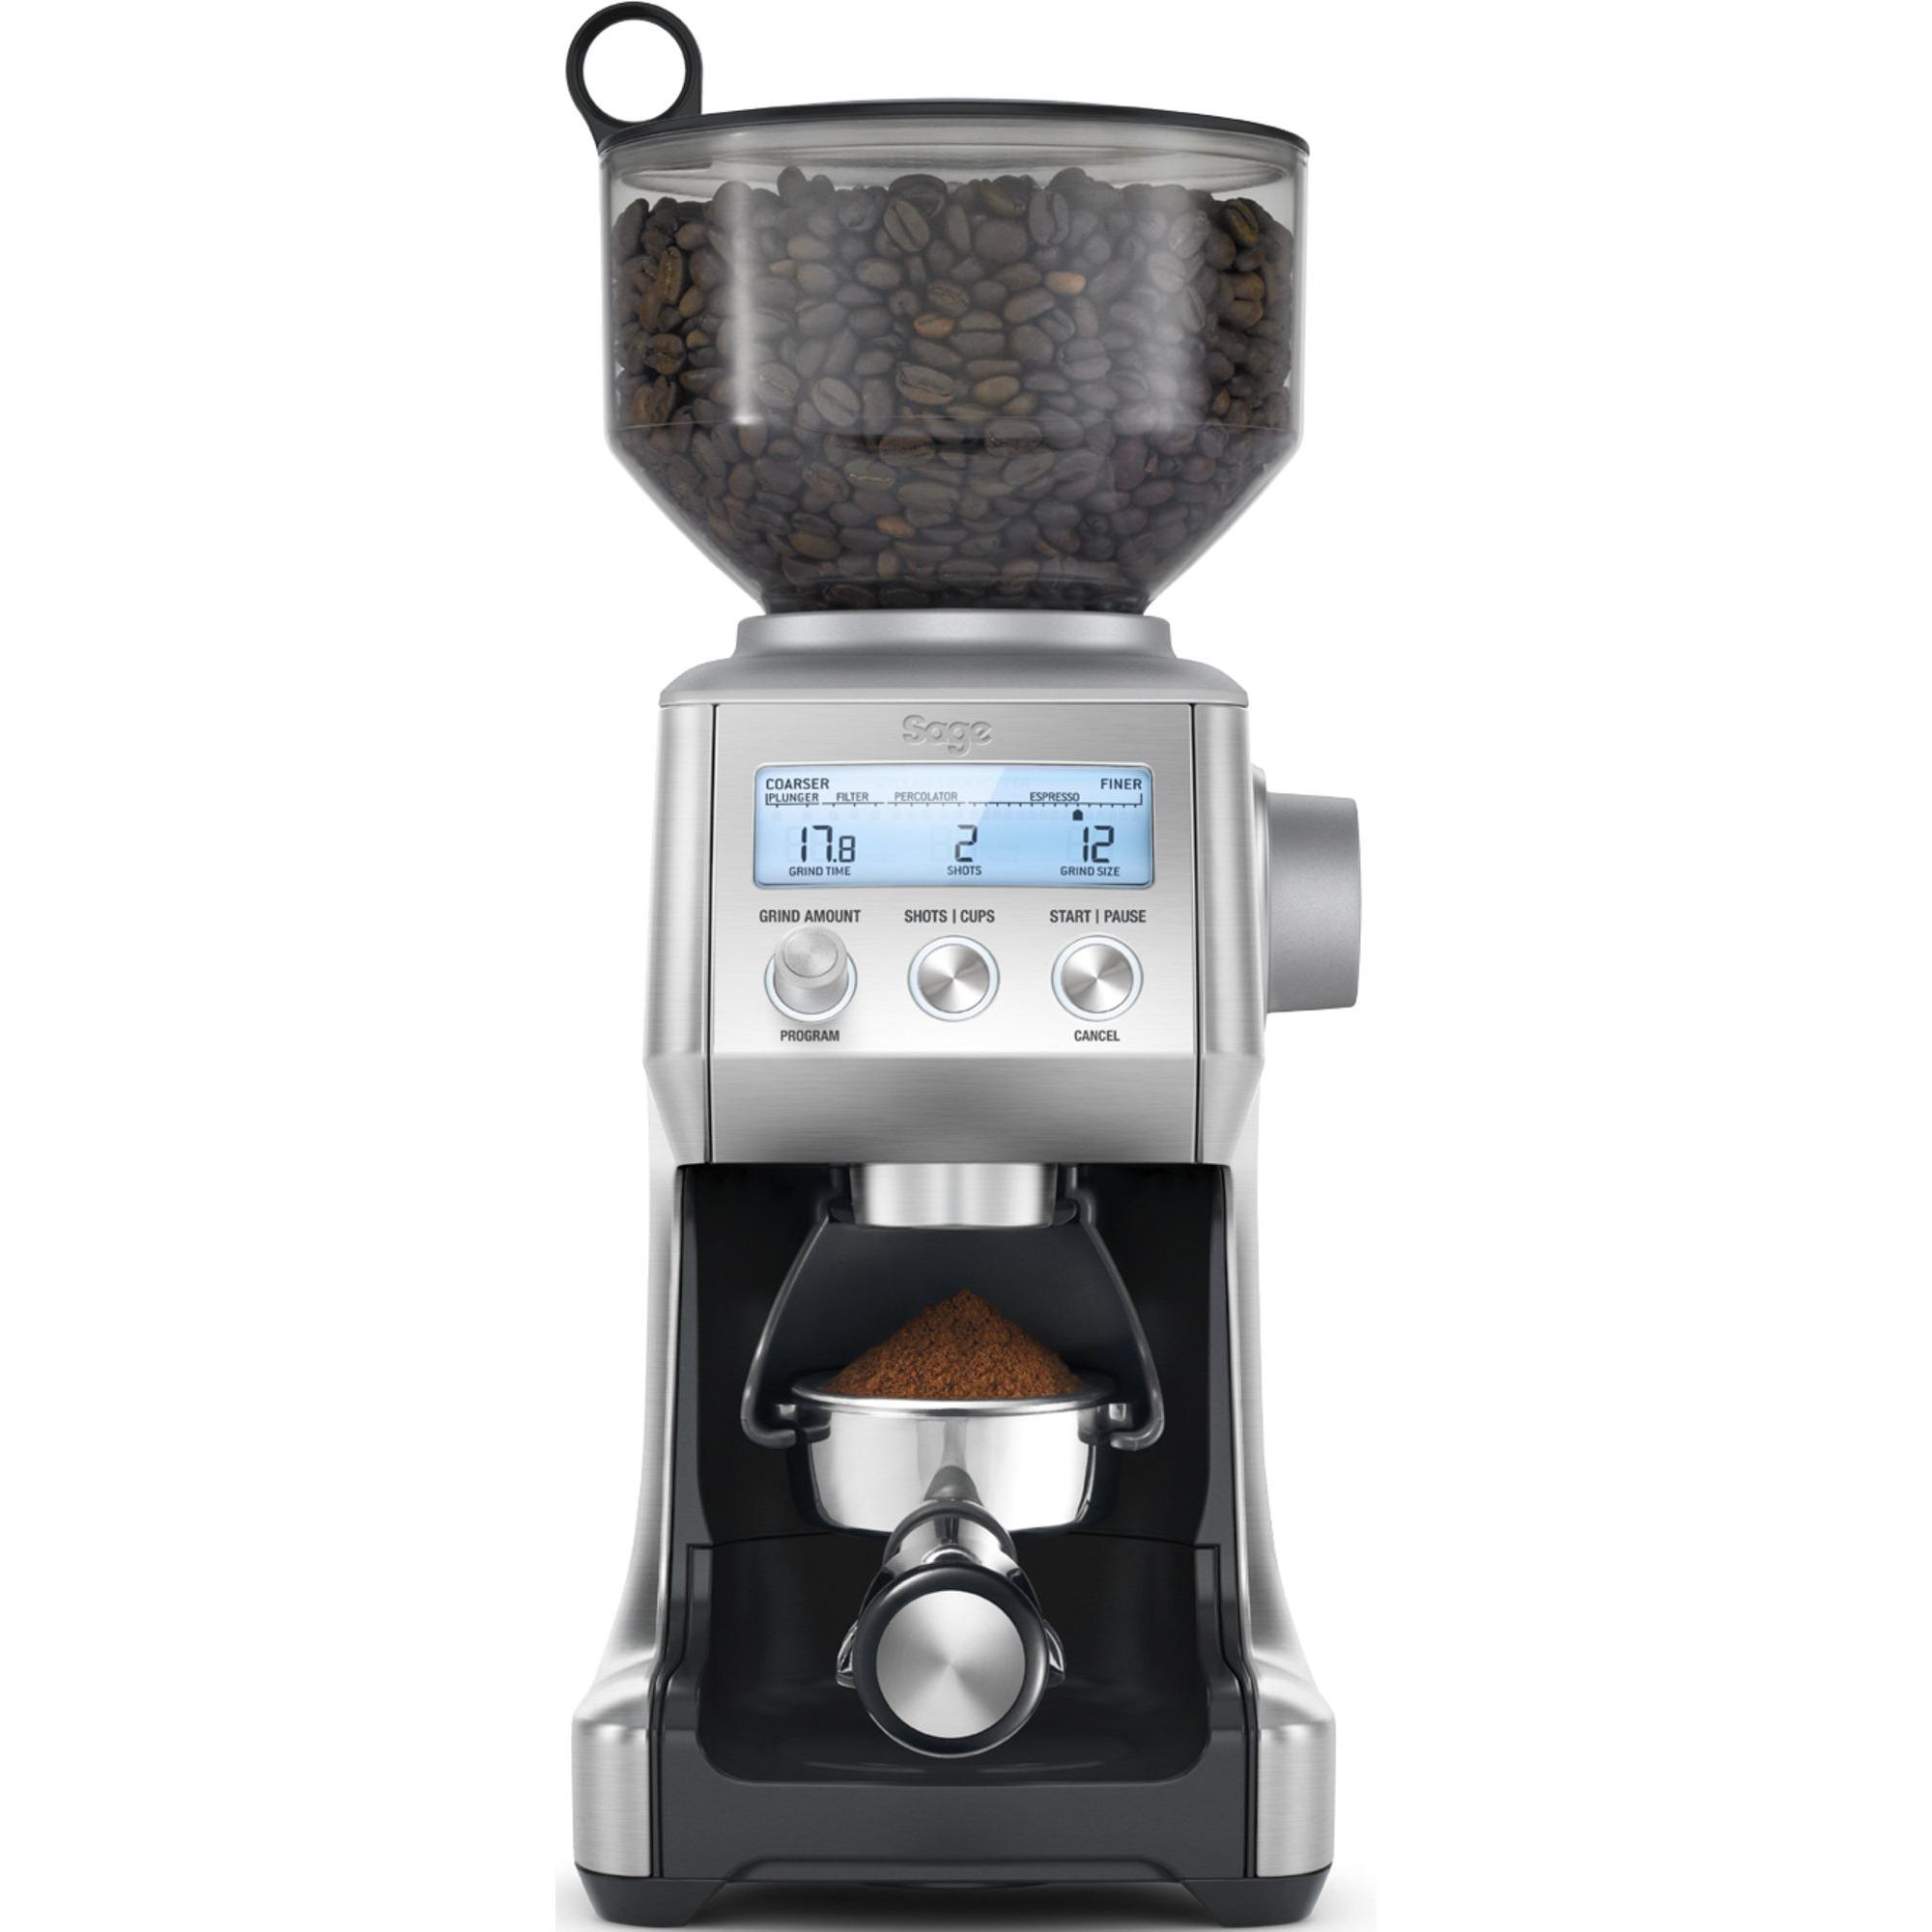 Sage Kaffekvarn The smart grinder